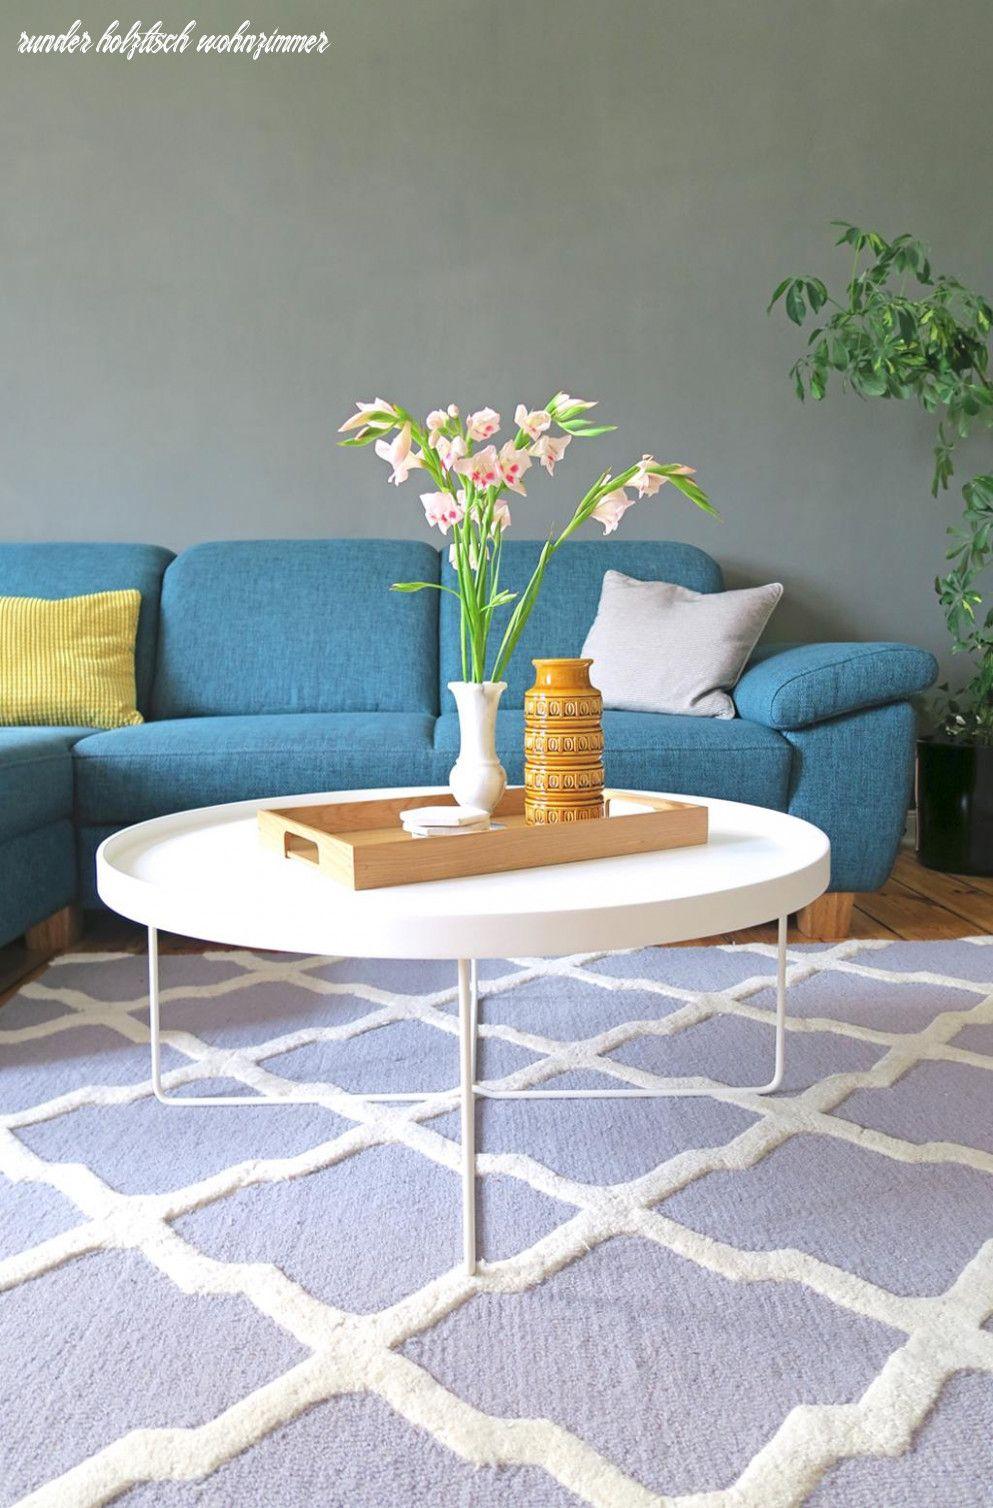 Die Effektivsten Möglichkeiten Das Problem Von Runder Holztisch Wohnzimmer Zu überwinden Couchtisch Weiss Couchtisch Runder Couchtisch Ikea